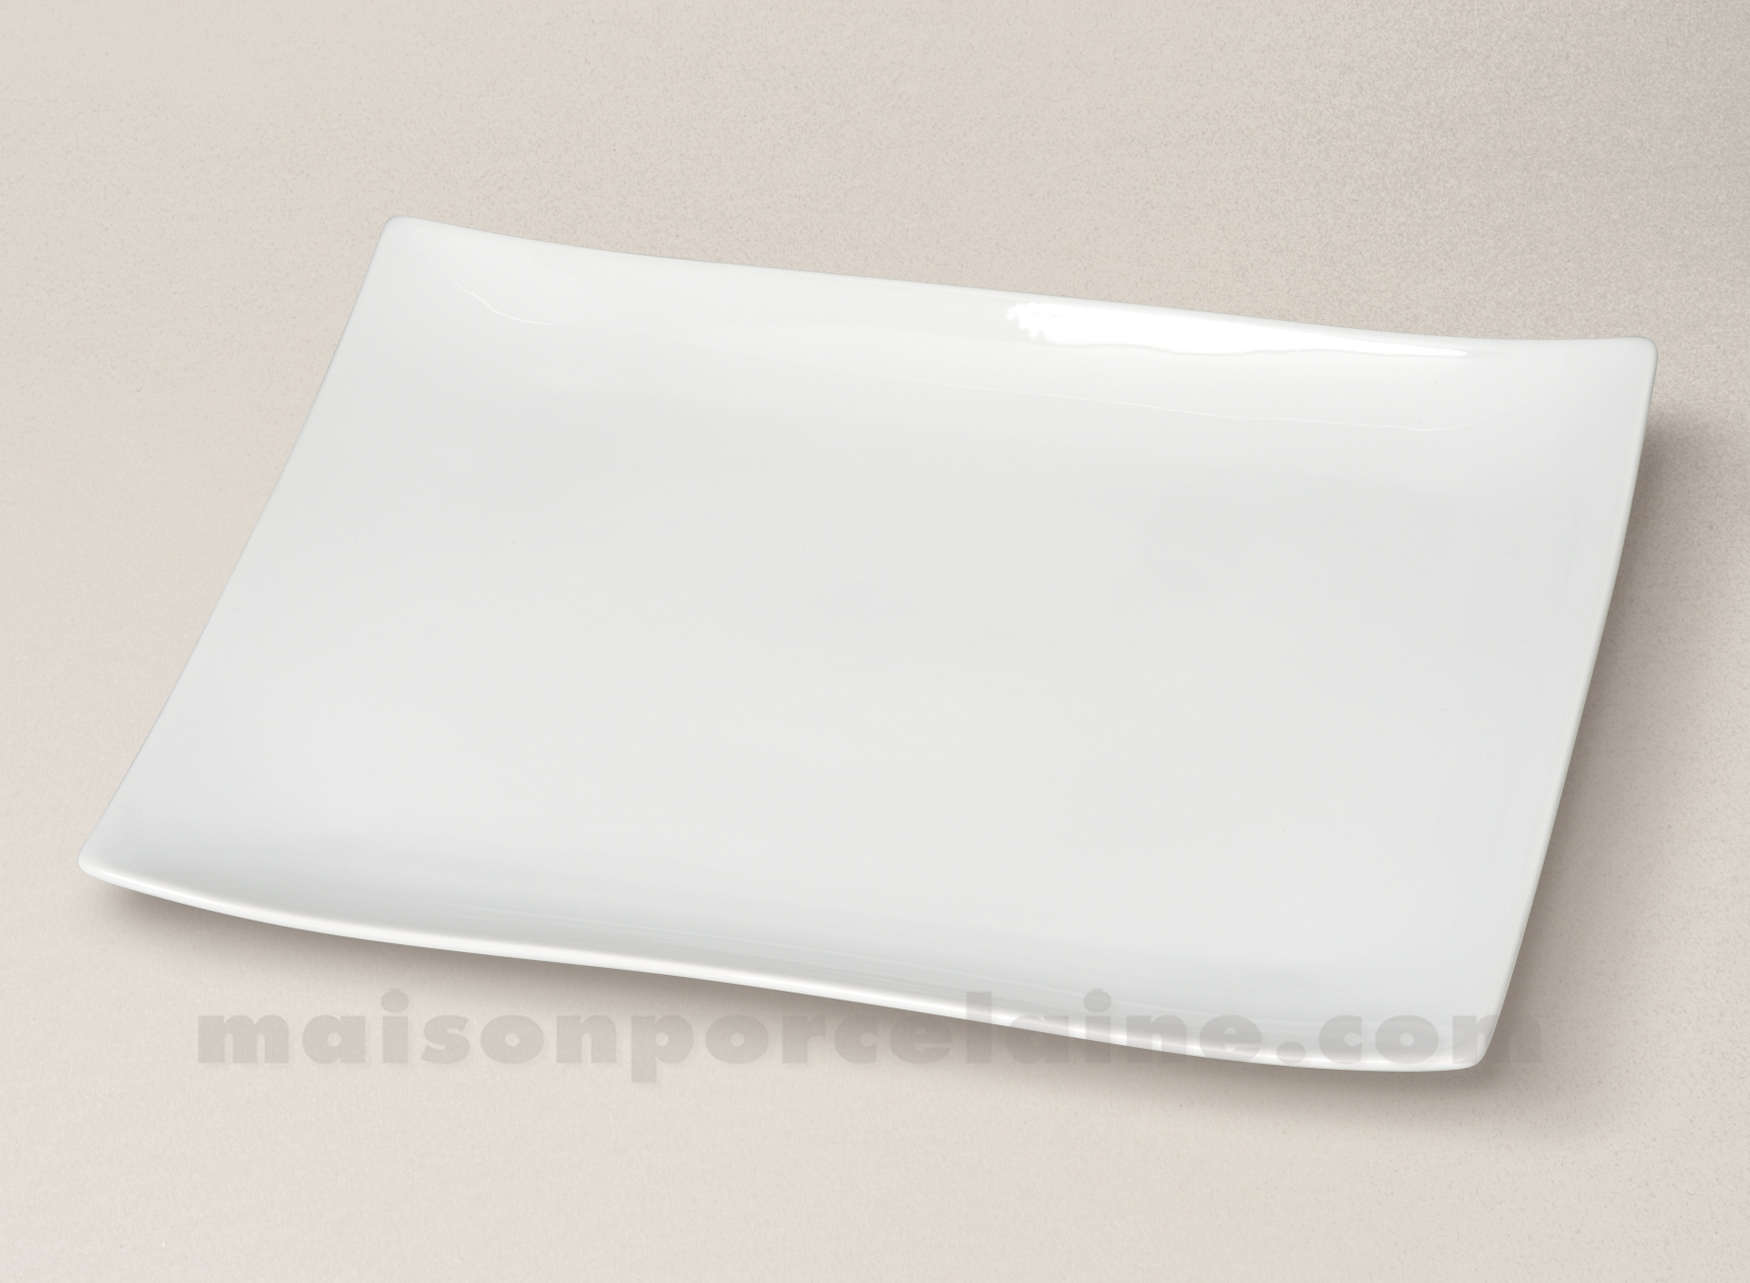 assiette plat rectangulaire porcelaine blanche seoul 32 5x22 5cm55 maison de la porcelaine. Black Bedroom Furniture Sets. Home Design Ideas